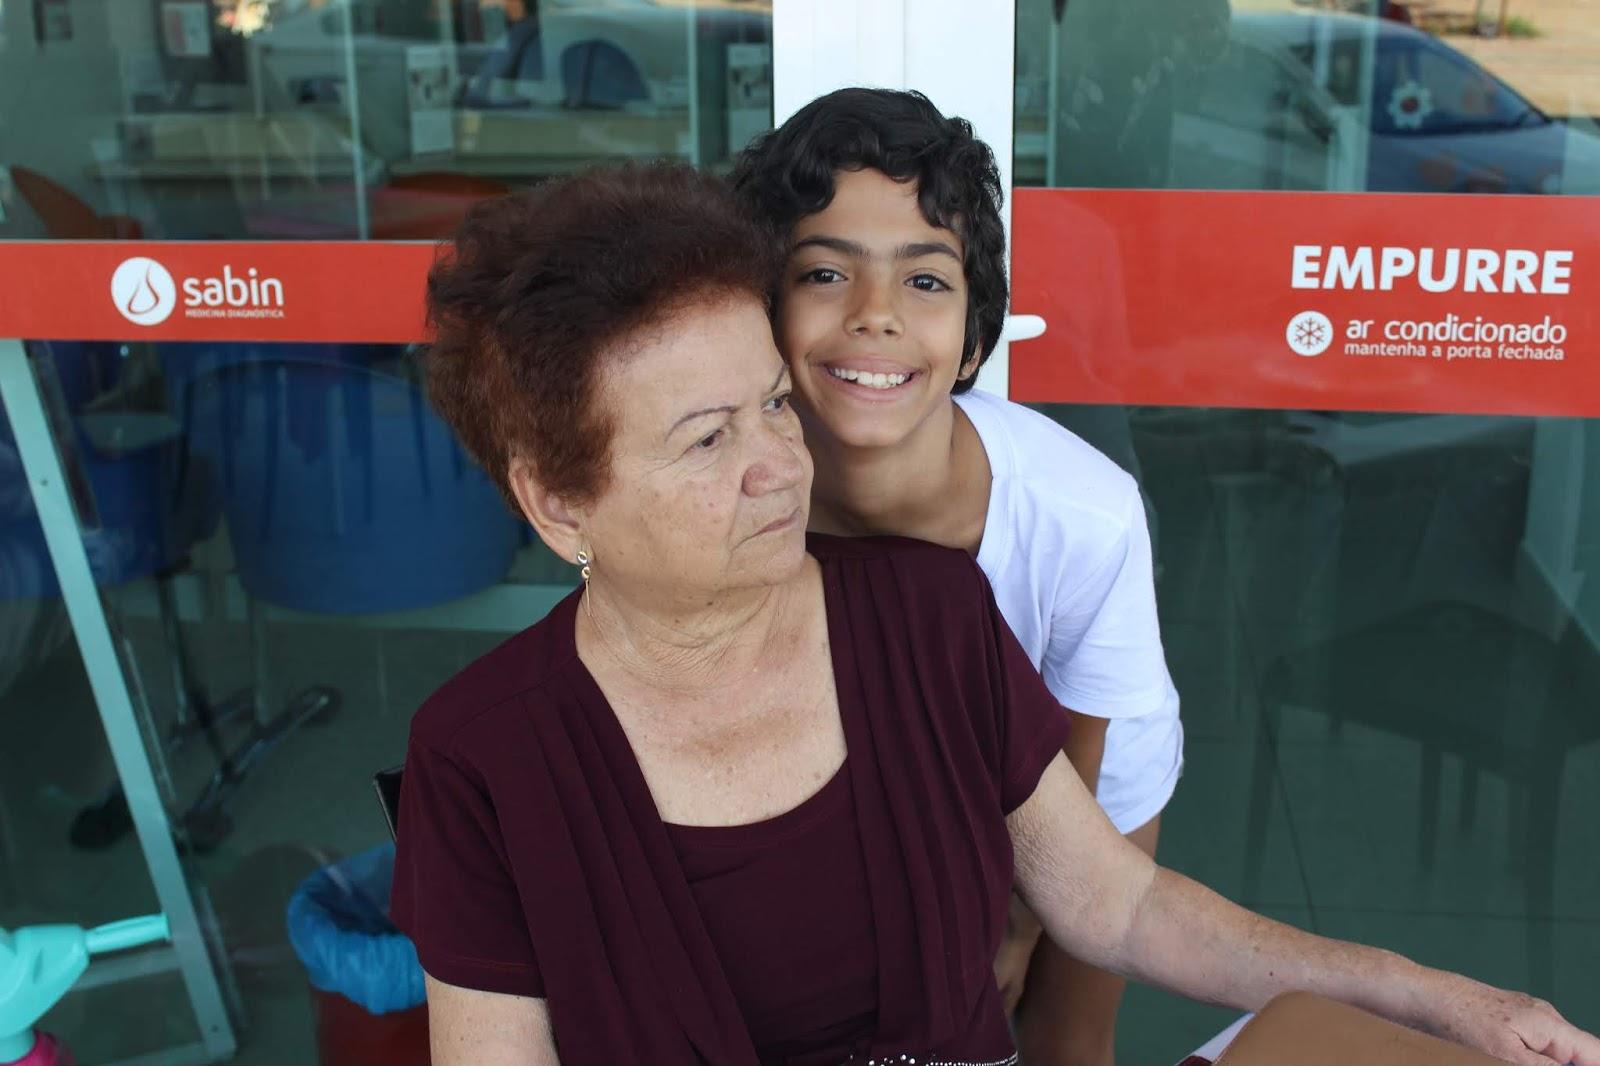 IMG 3645 - Dia 12 de maio dia das Mães no Jardins Mangueiral foi com muta diverção e alegria com um lindo café da manha